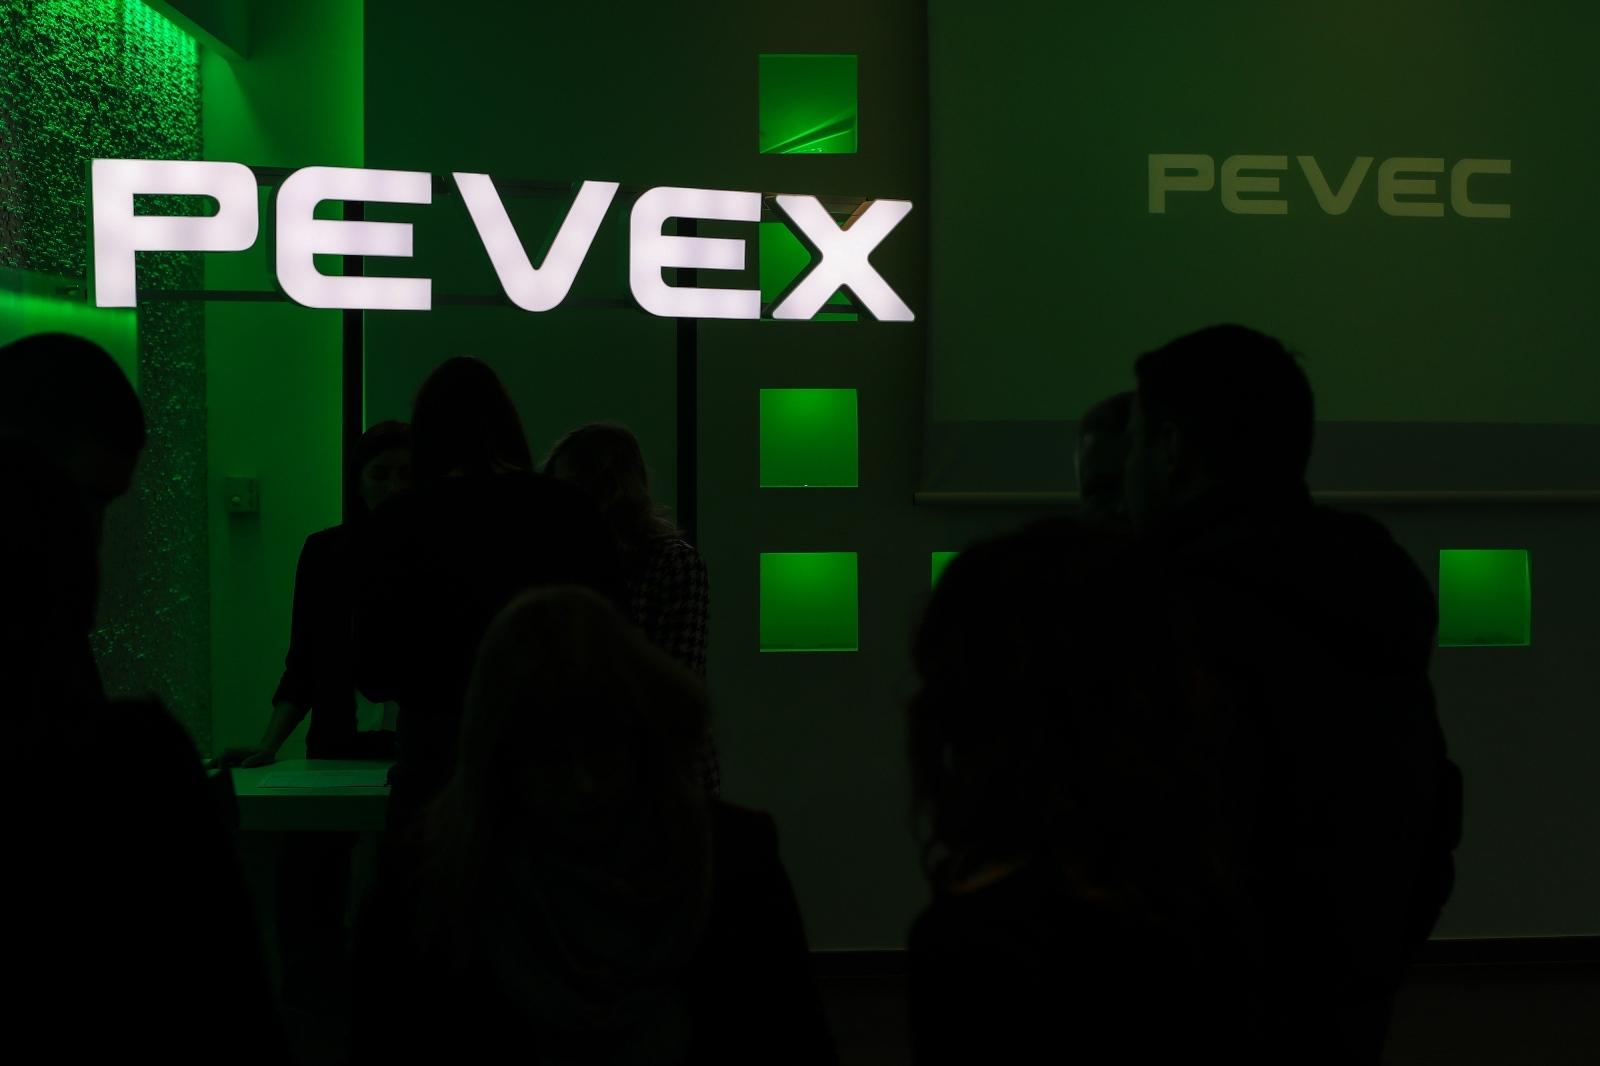 Pevec u nove pobjede ulazi i s novim imenom – Pevex